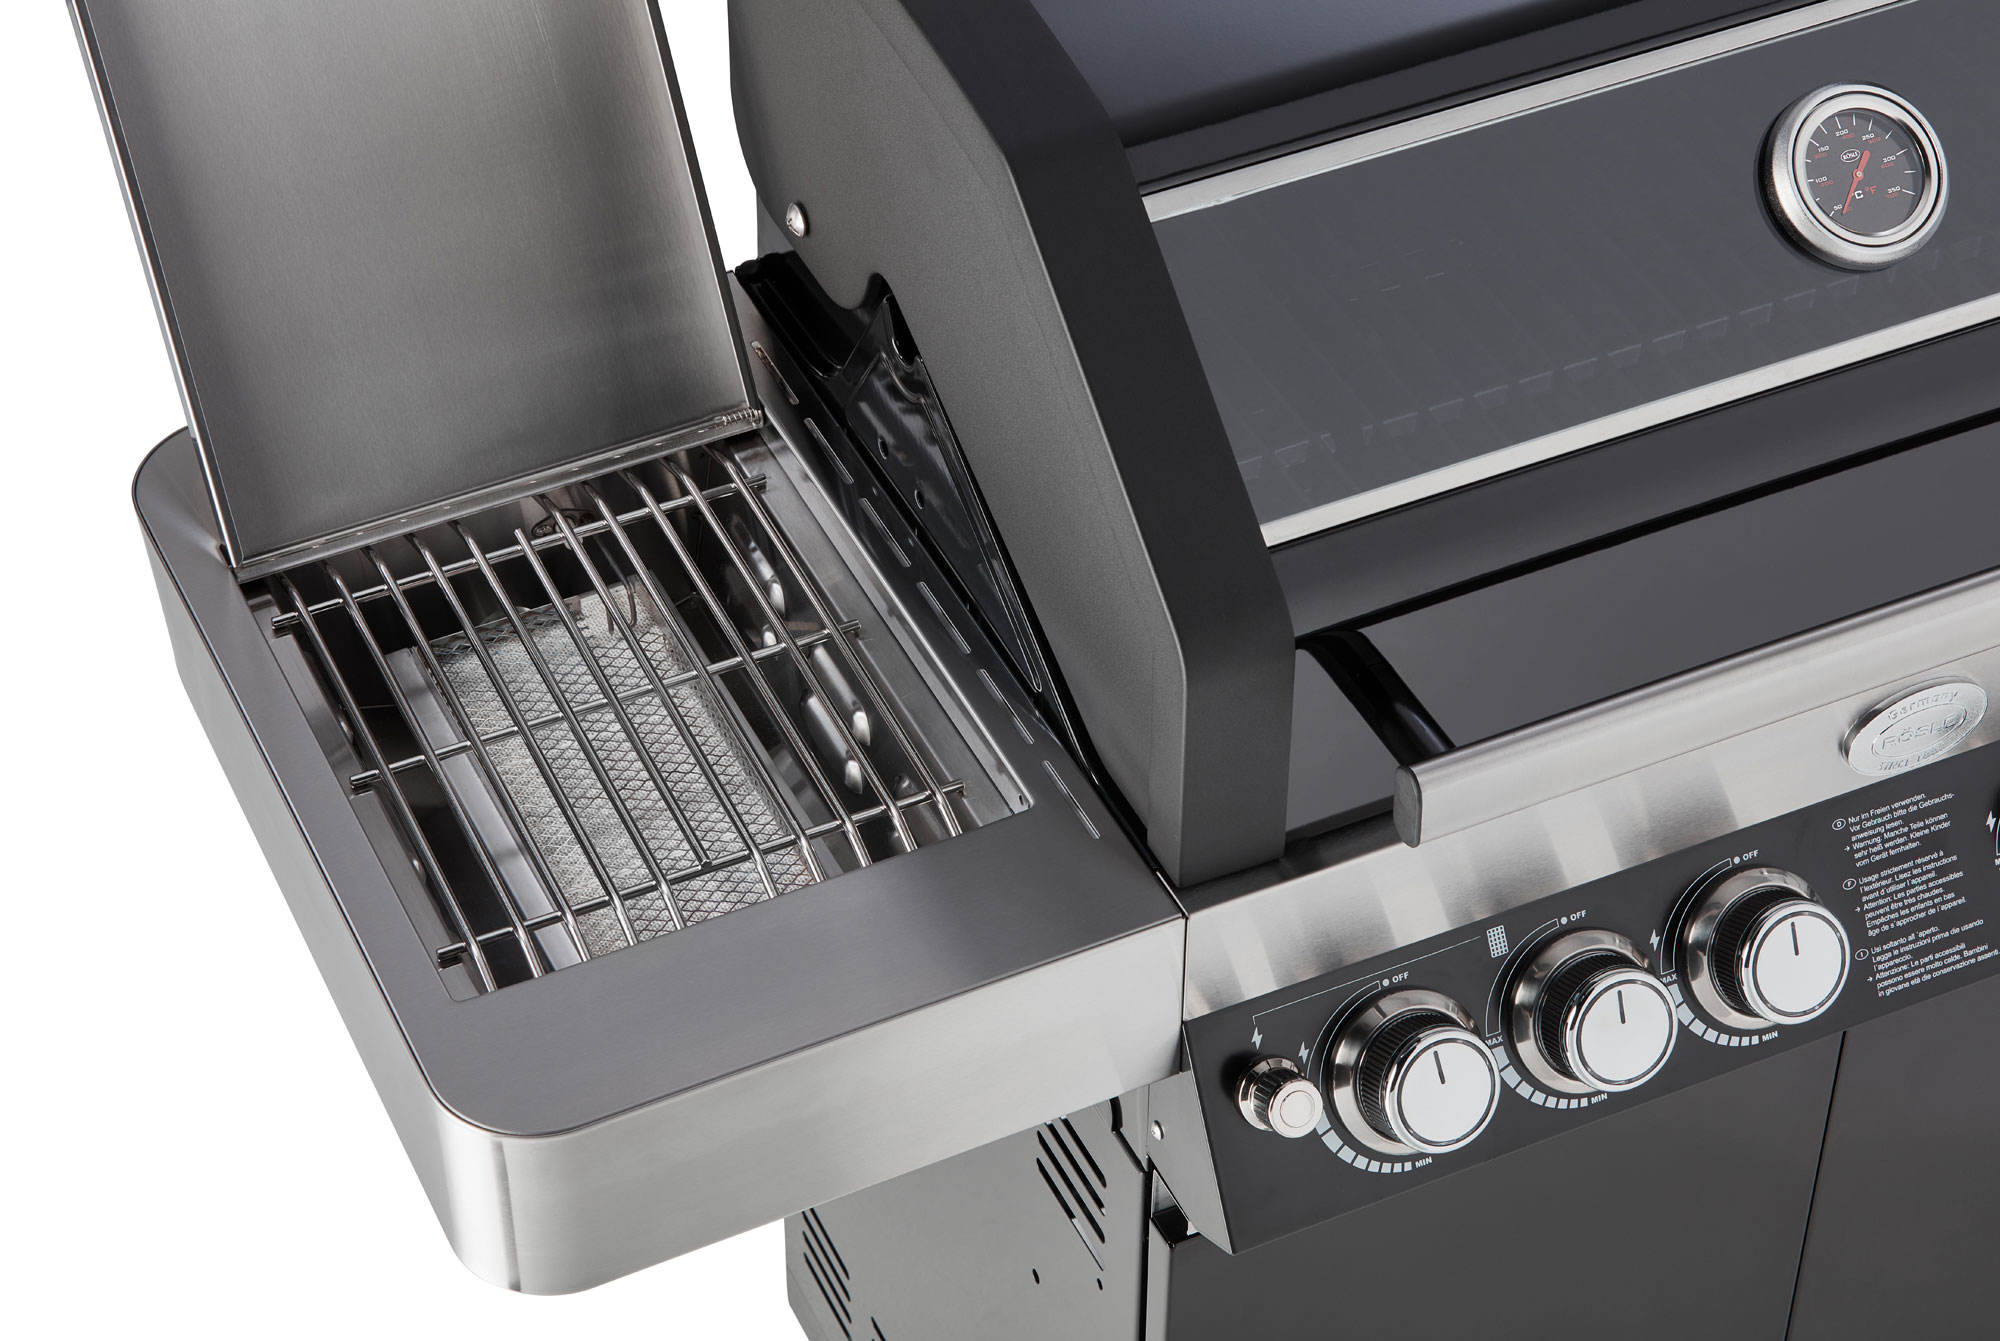 Rösle Gasgrill Hersteller : Gasgrill grillwagen rösle bbq station videro g4 s schwarz mit